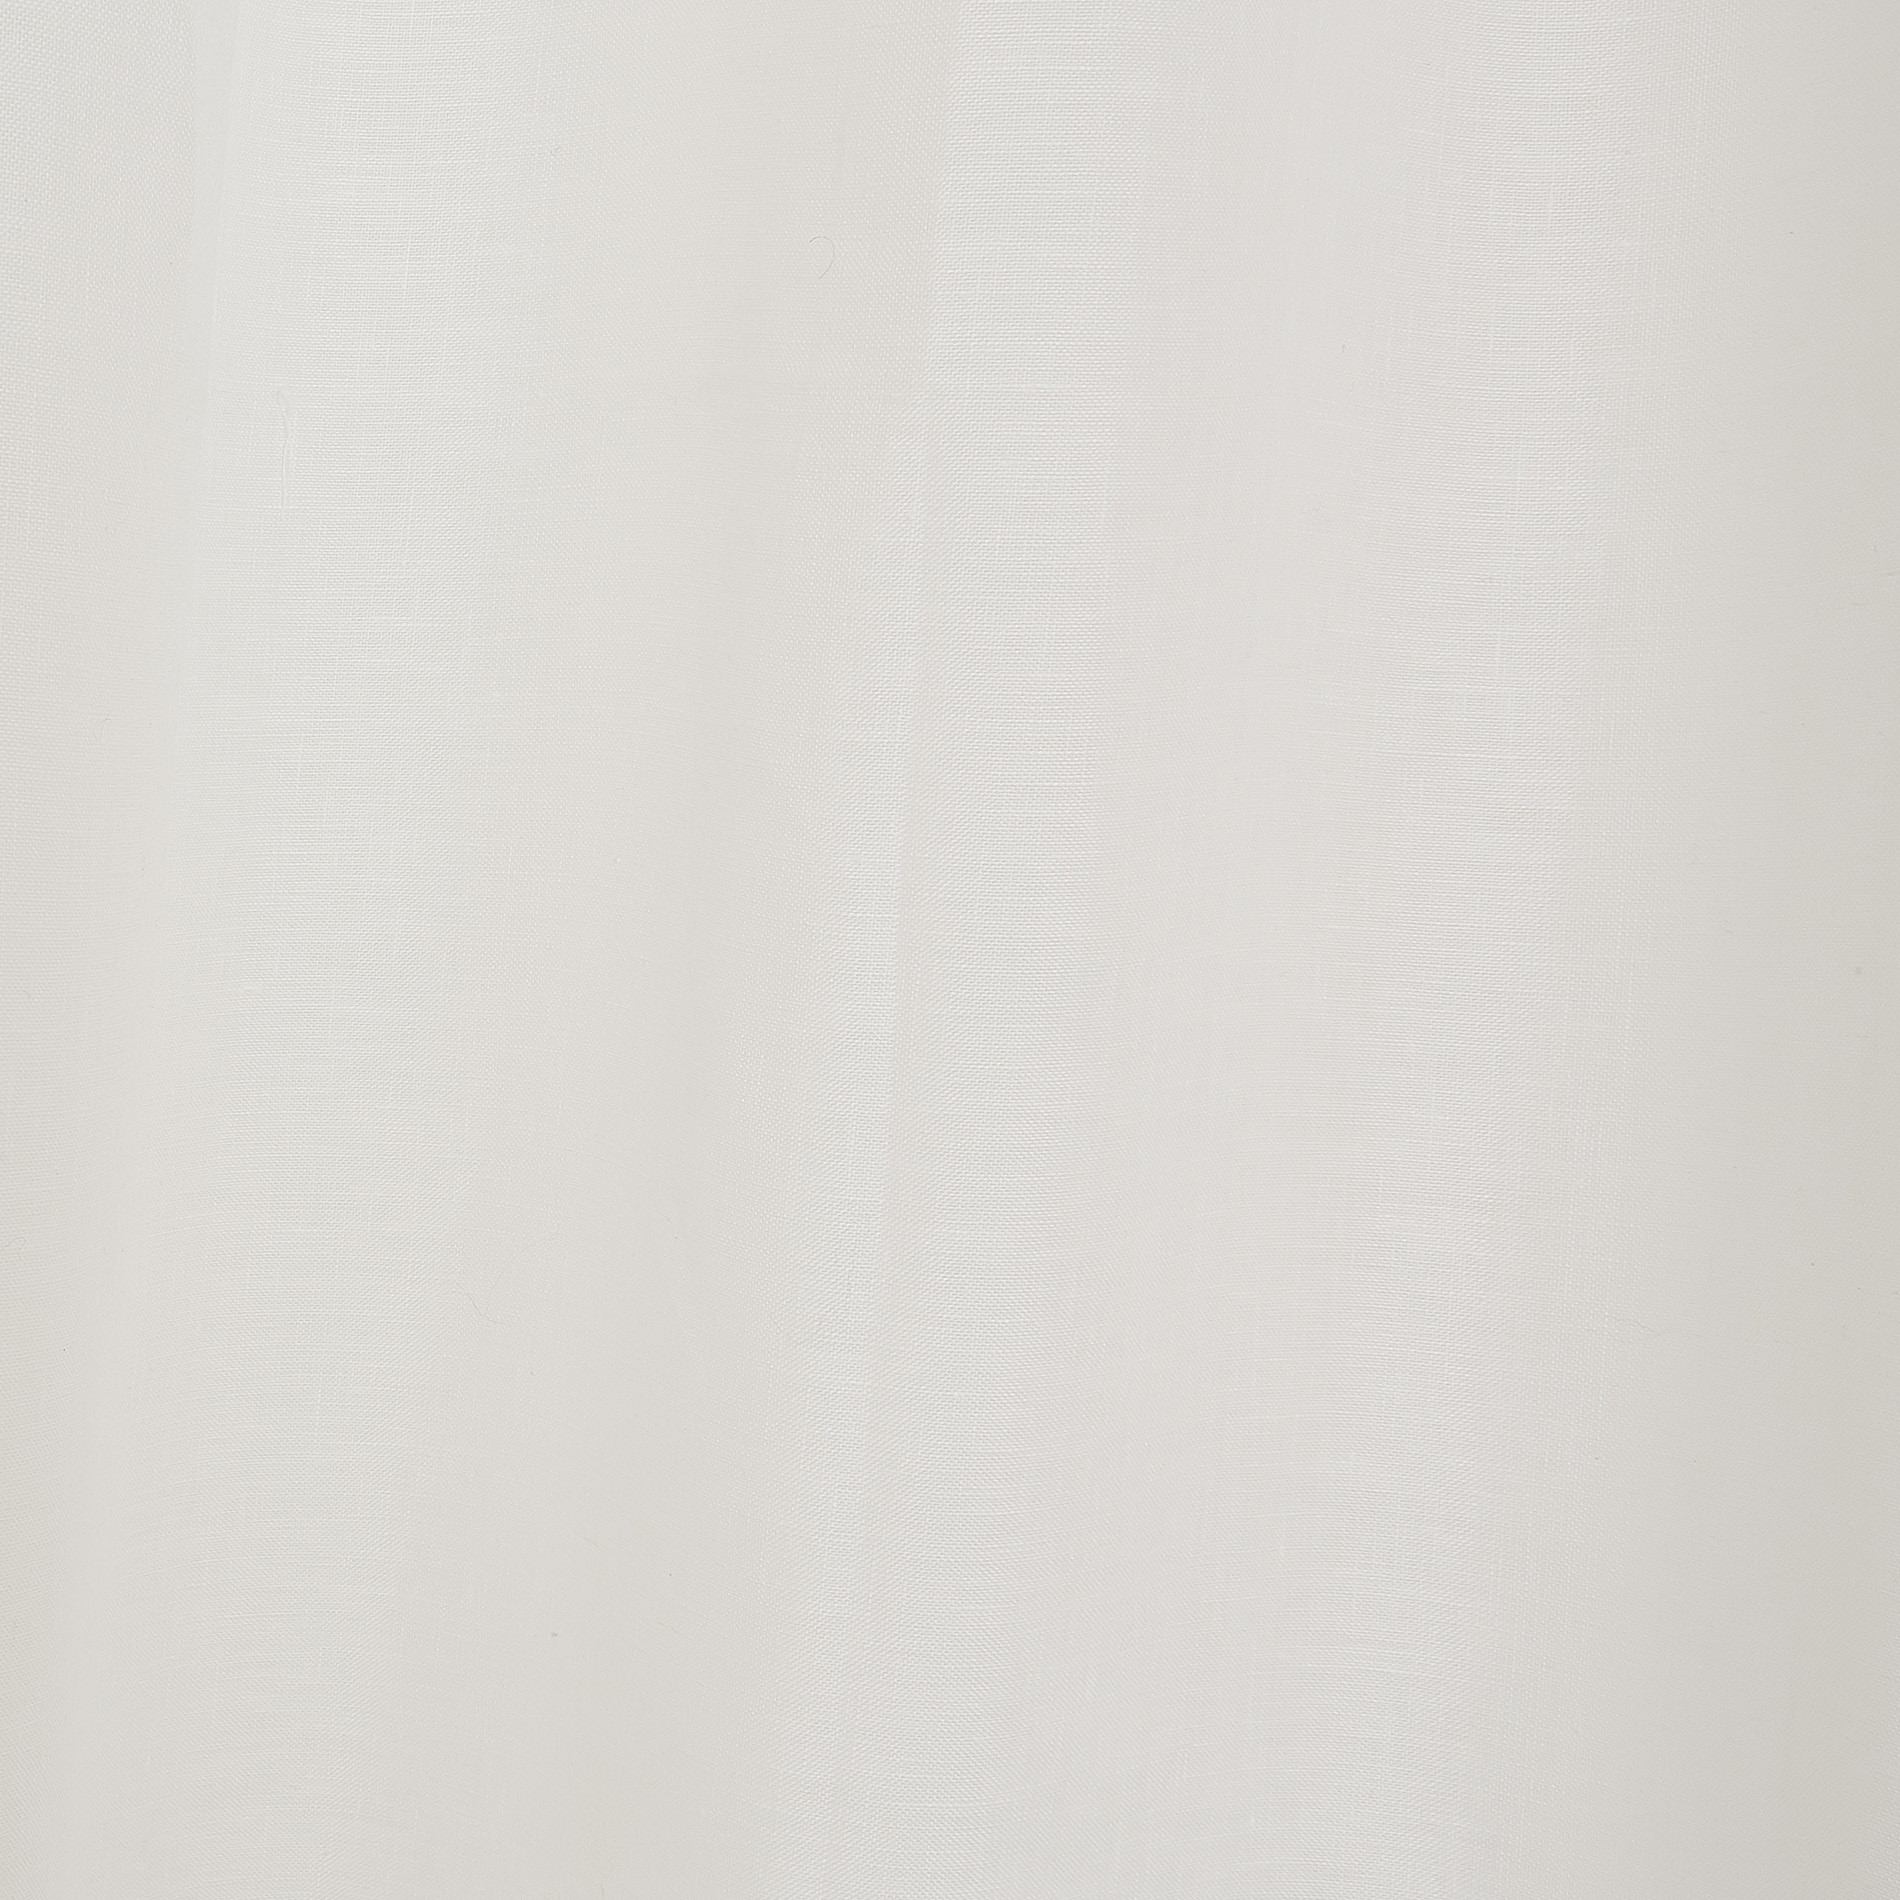 Tenda puro lino tinta unita, Bianco, large image number 3